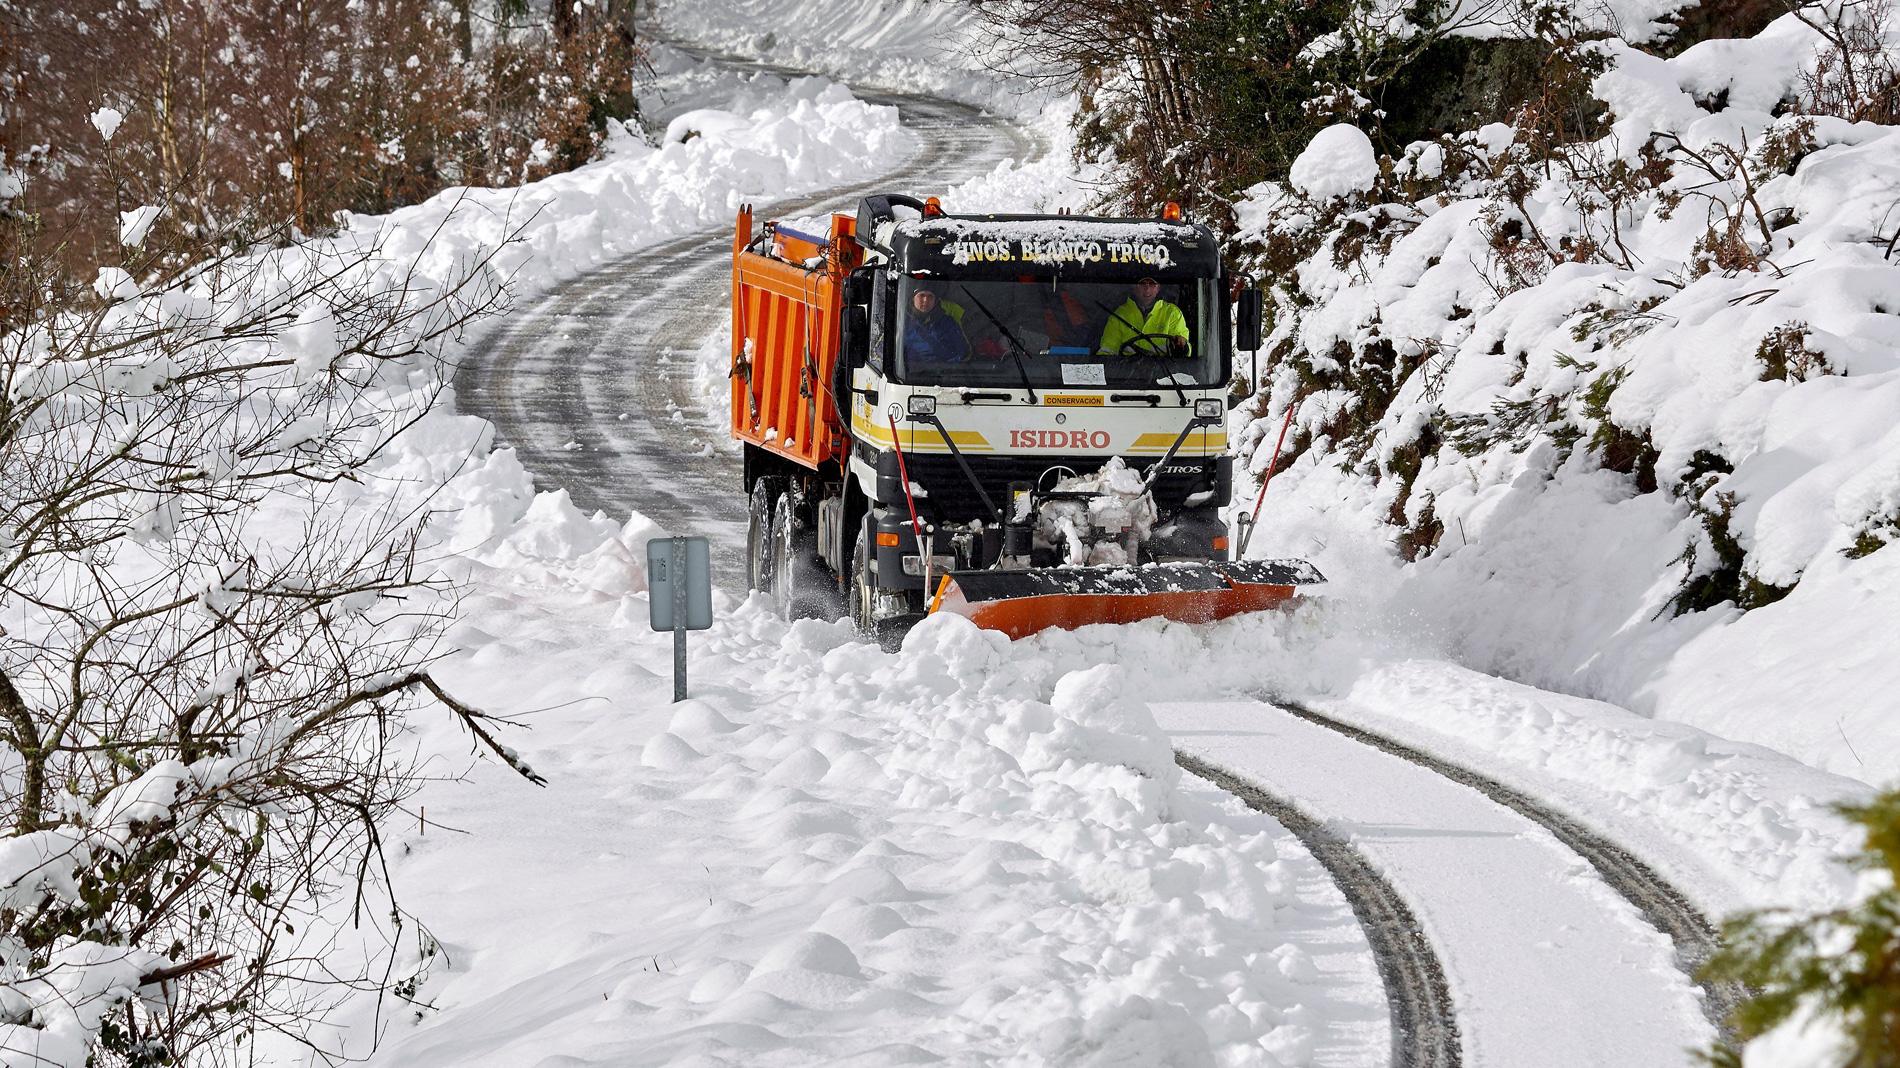 La nieve complica la circulación en el noroeste de España